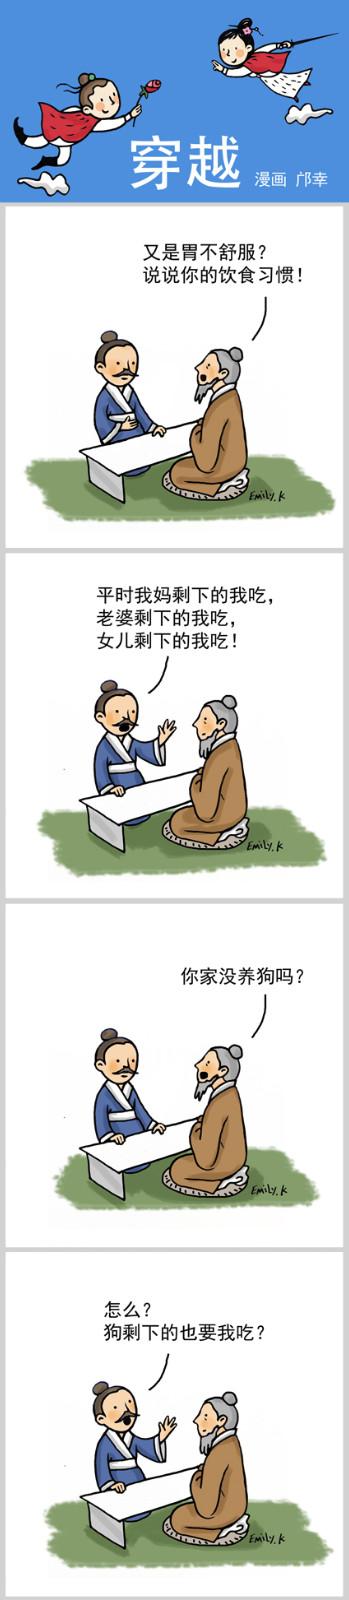 【邝幸漫畫】《穿越》狗剩_图1-1